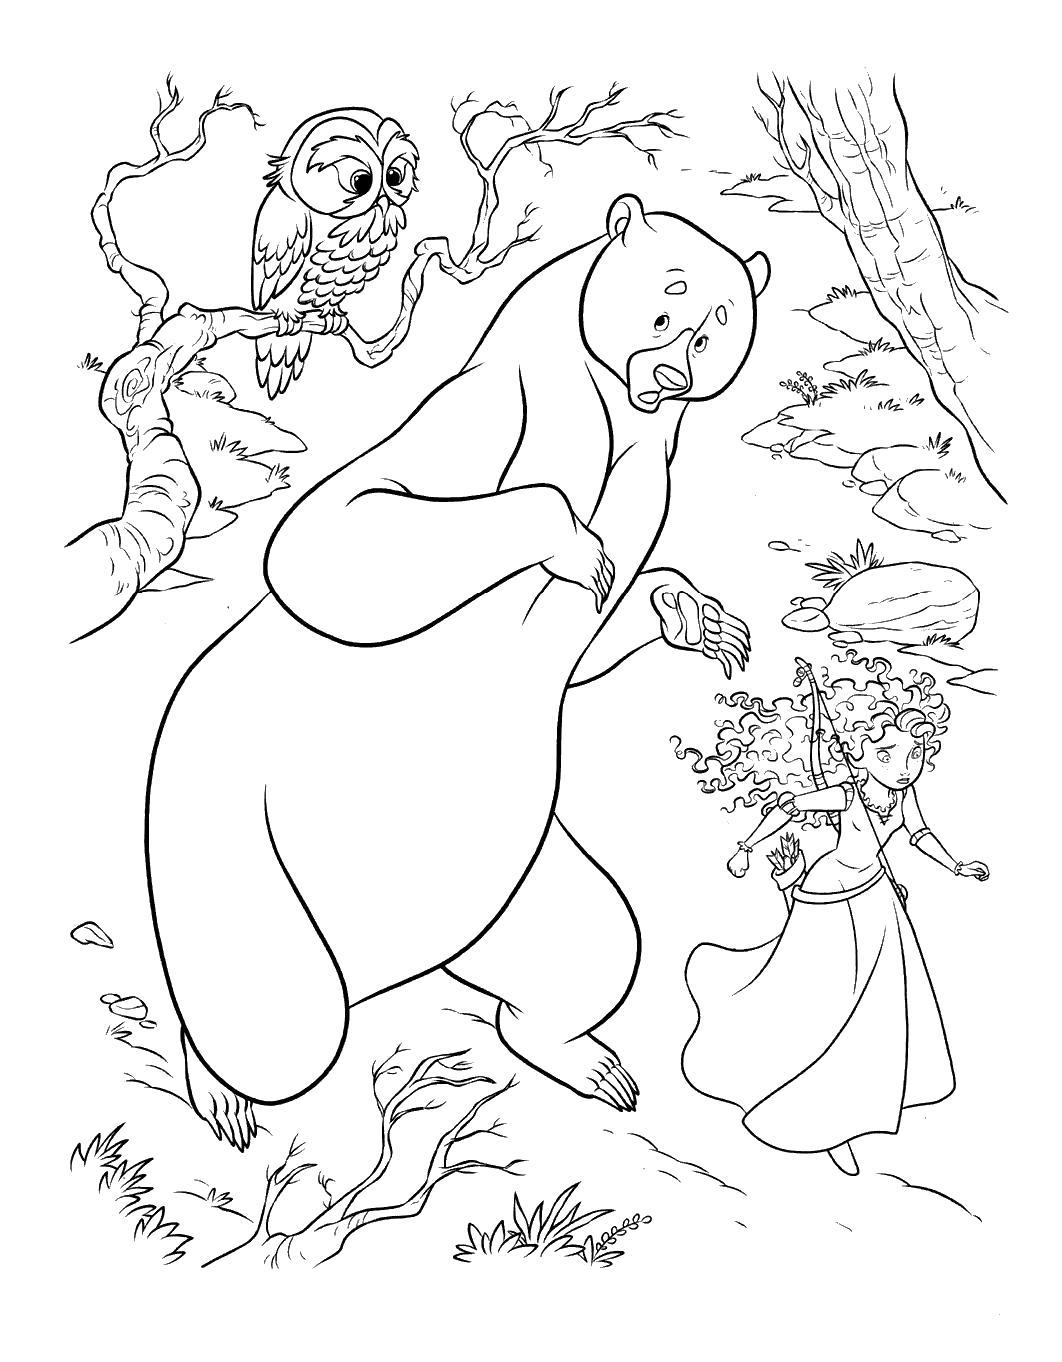 Принцесса с мамой ищут укрытие Раскраски с цветами распечатать бесплатно